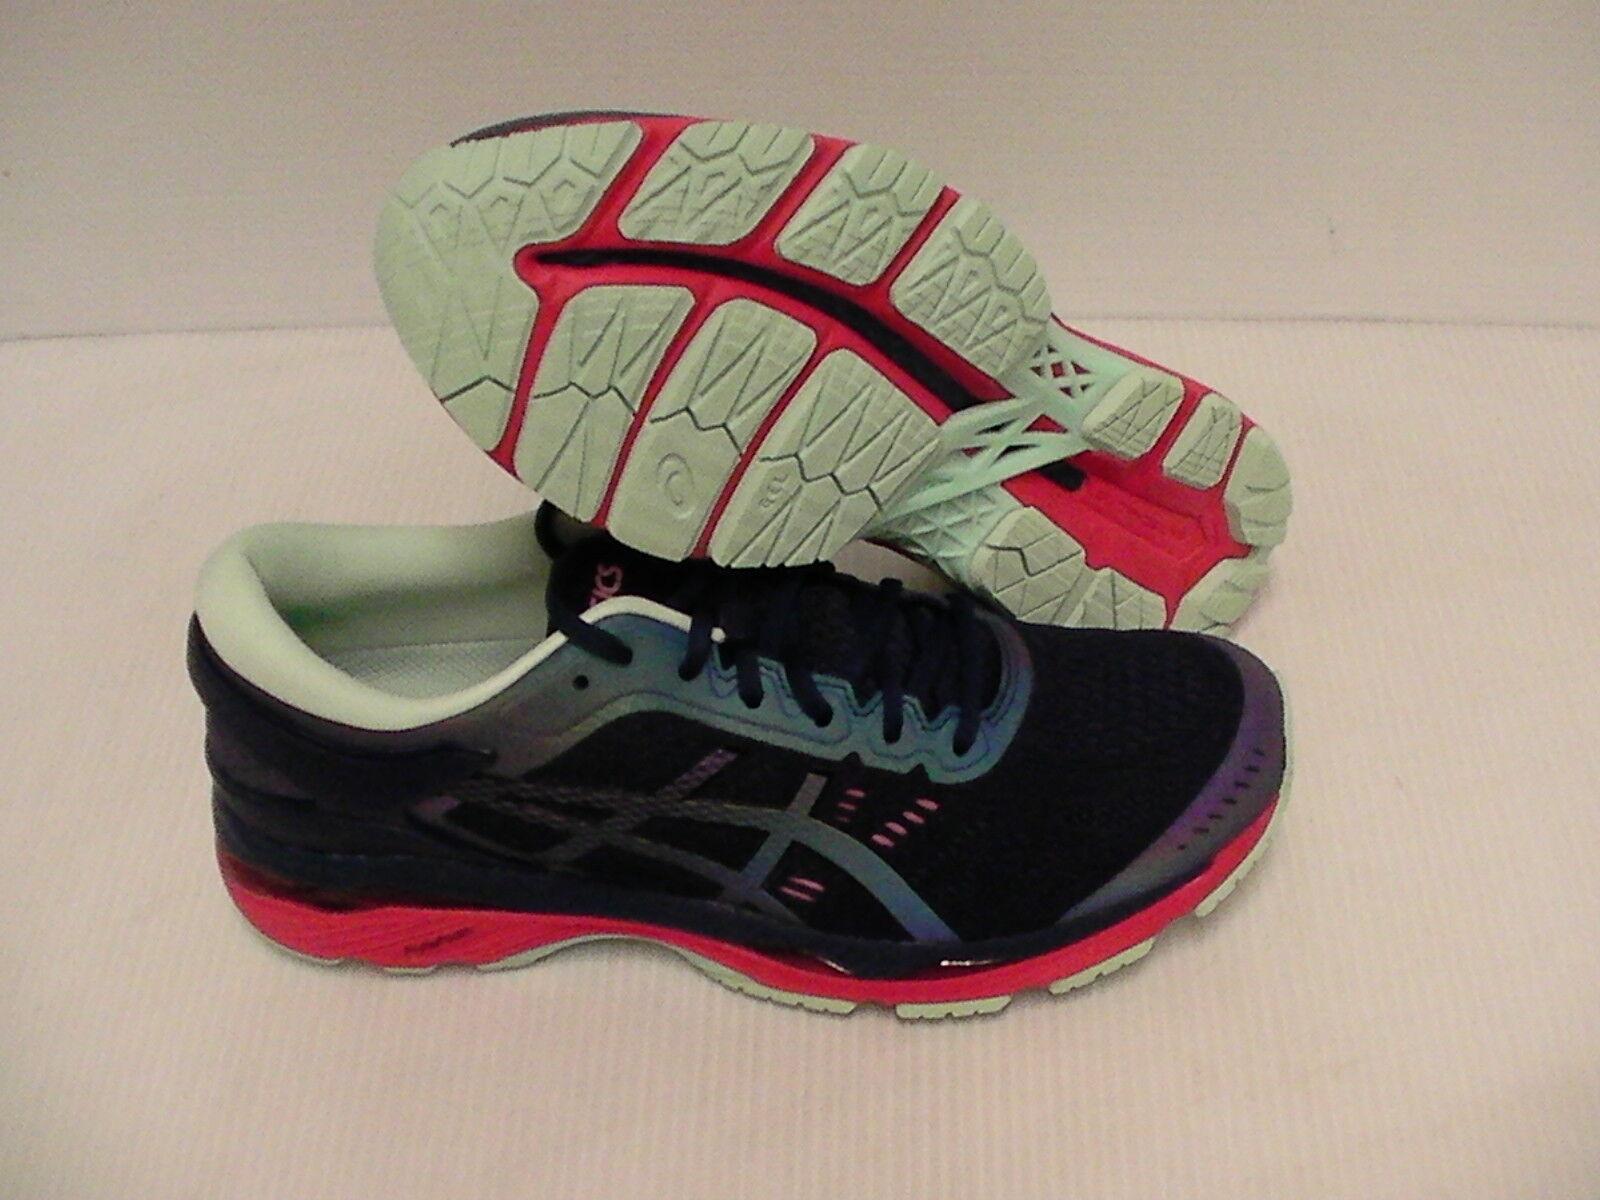 Asics  gel kayano 24 litri mostrano scarpe da corsa indaco blu Dimensione 9.5 noi  a buon mercato